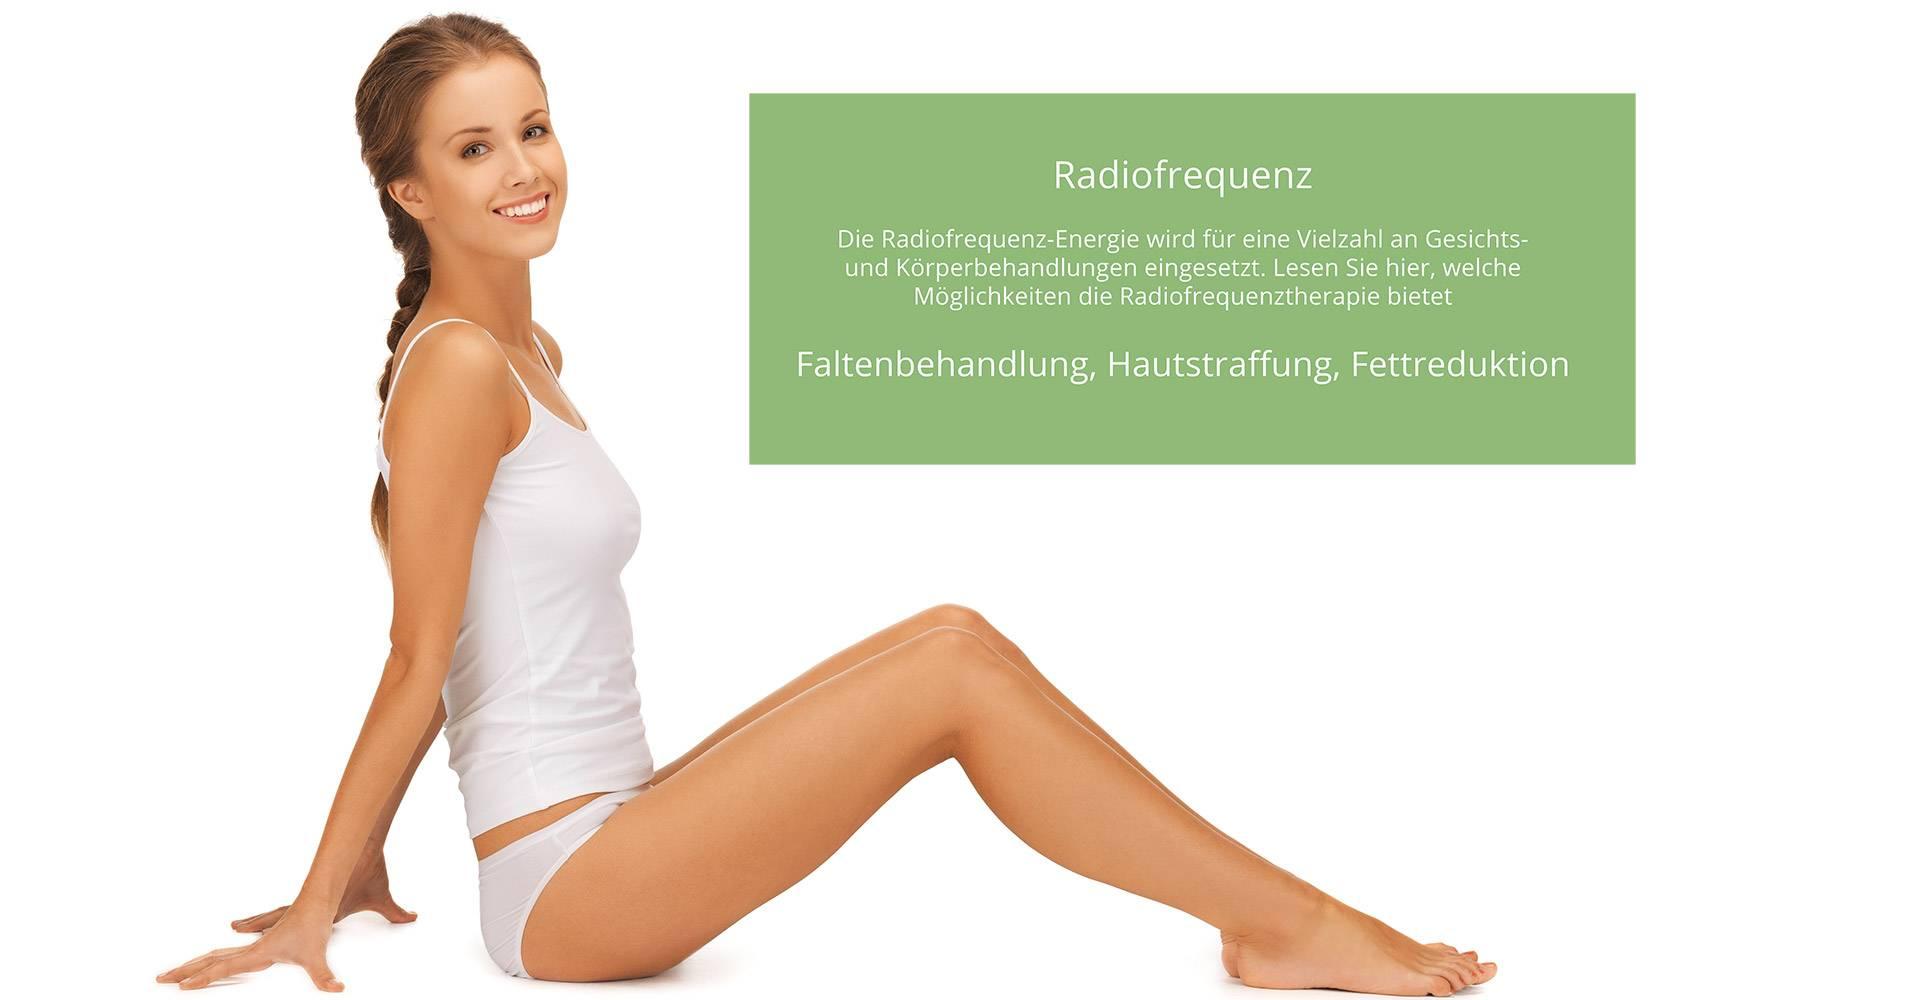 Radiofrequenztherapie Experte